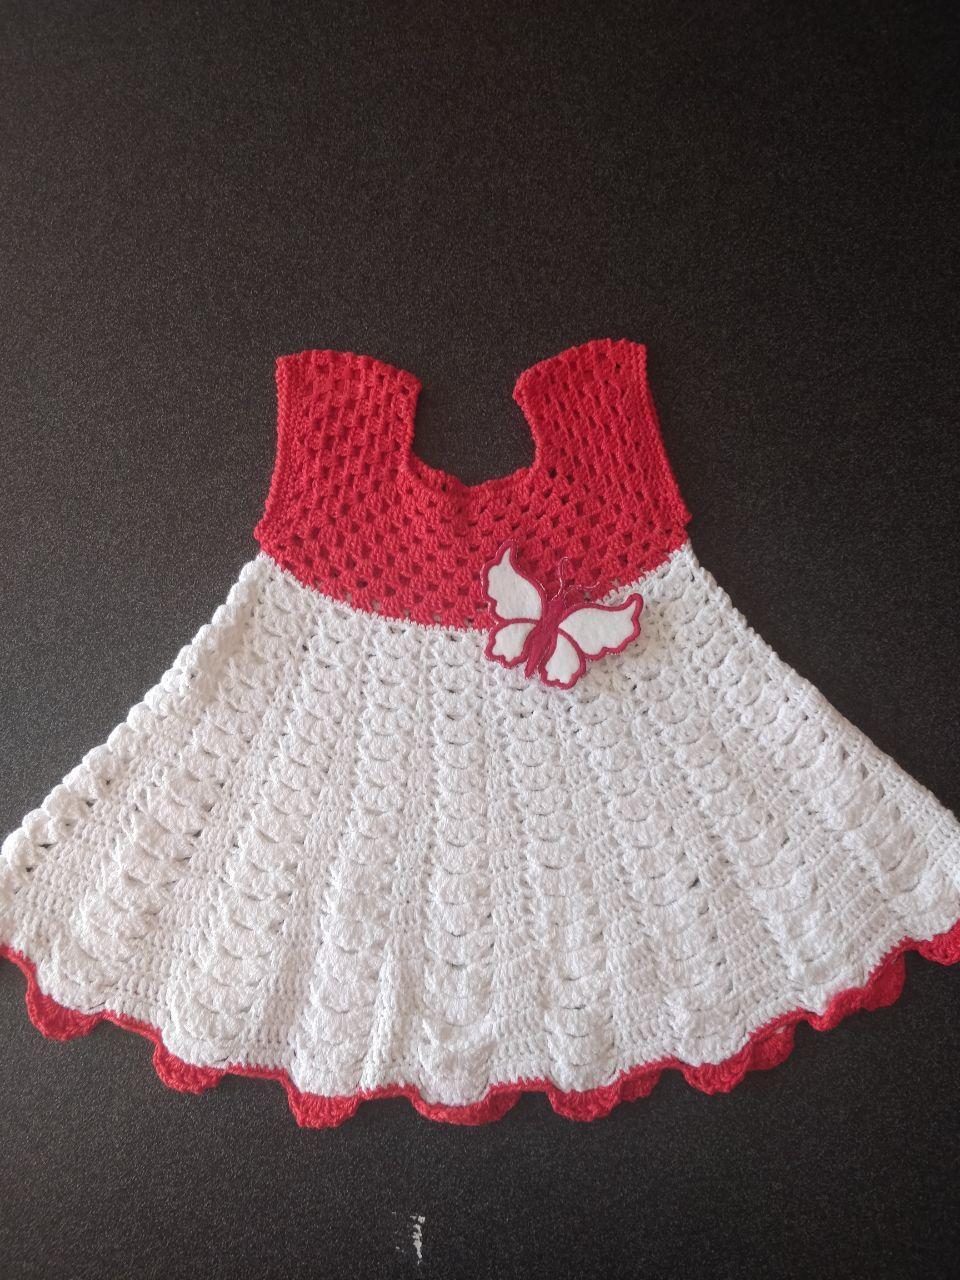 new style f089f 2e732 Creazioni - Neonato - Vestito neonato bianco e rosso 0-3 mesi